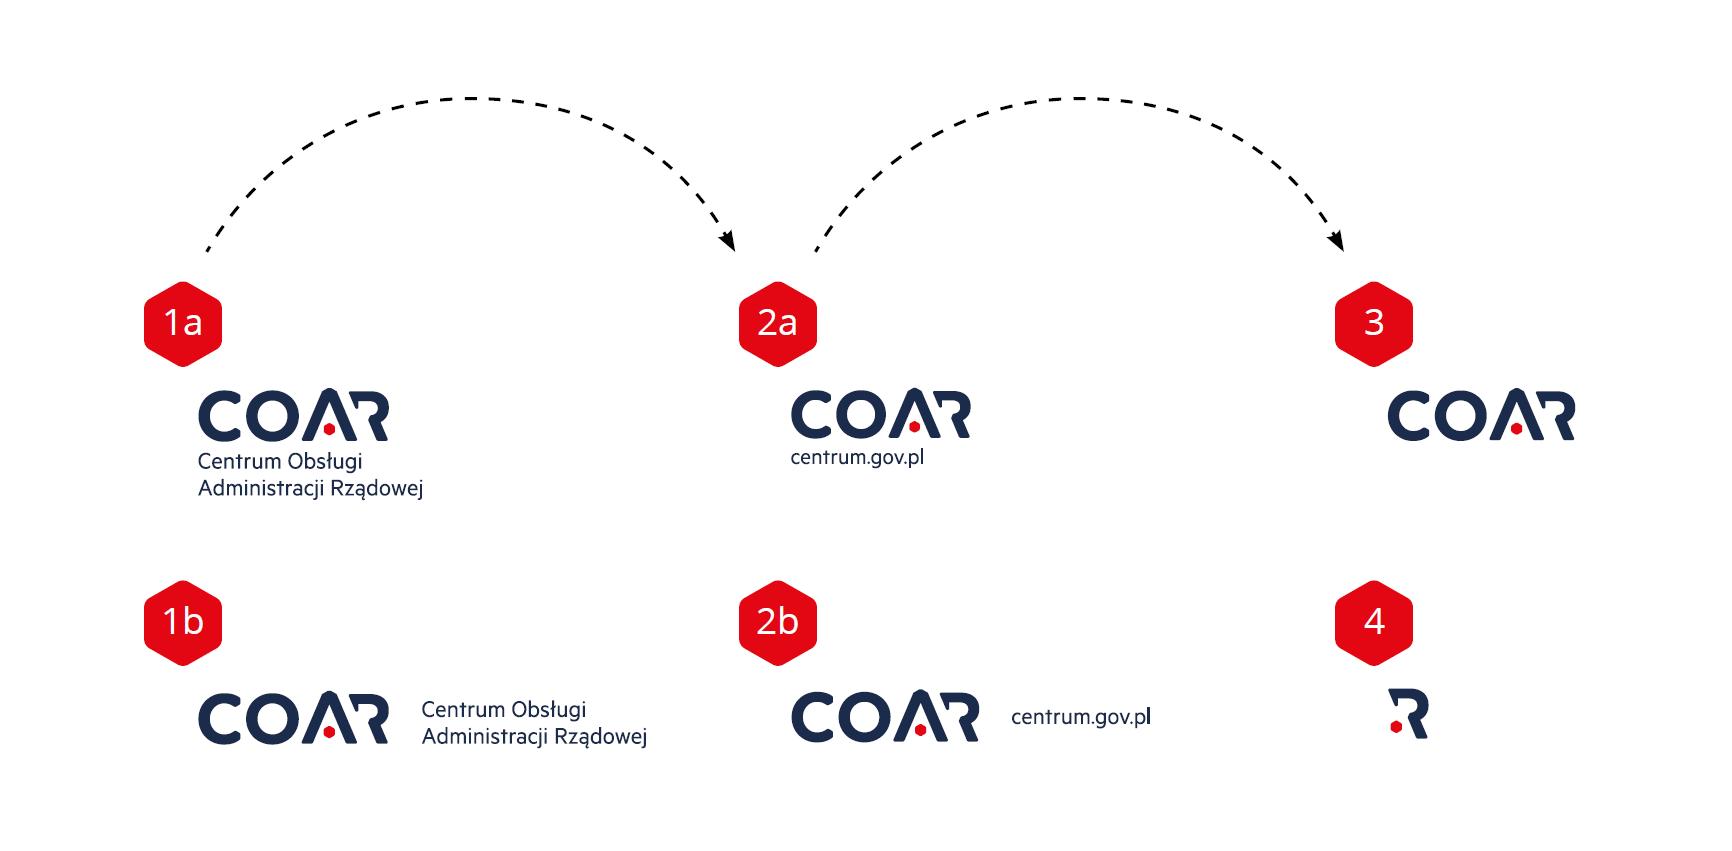 Wersje logo Centrum Obsługi Administracji Rządowej (COAR)